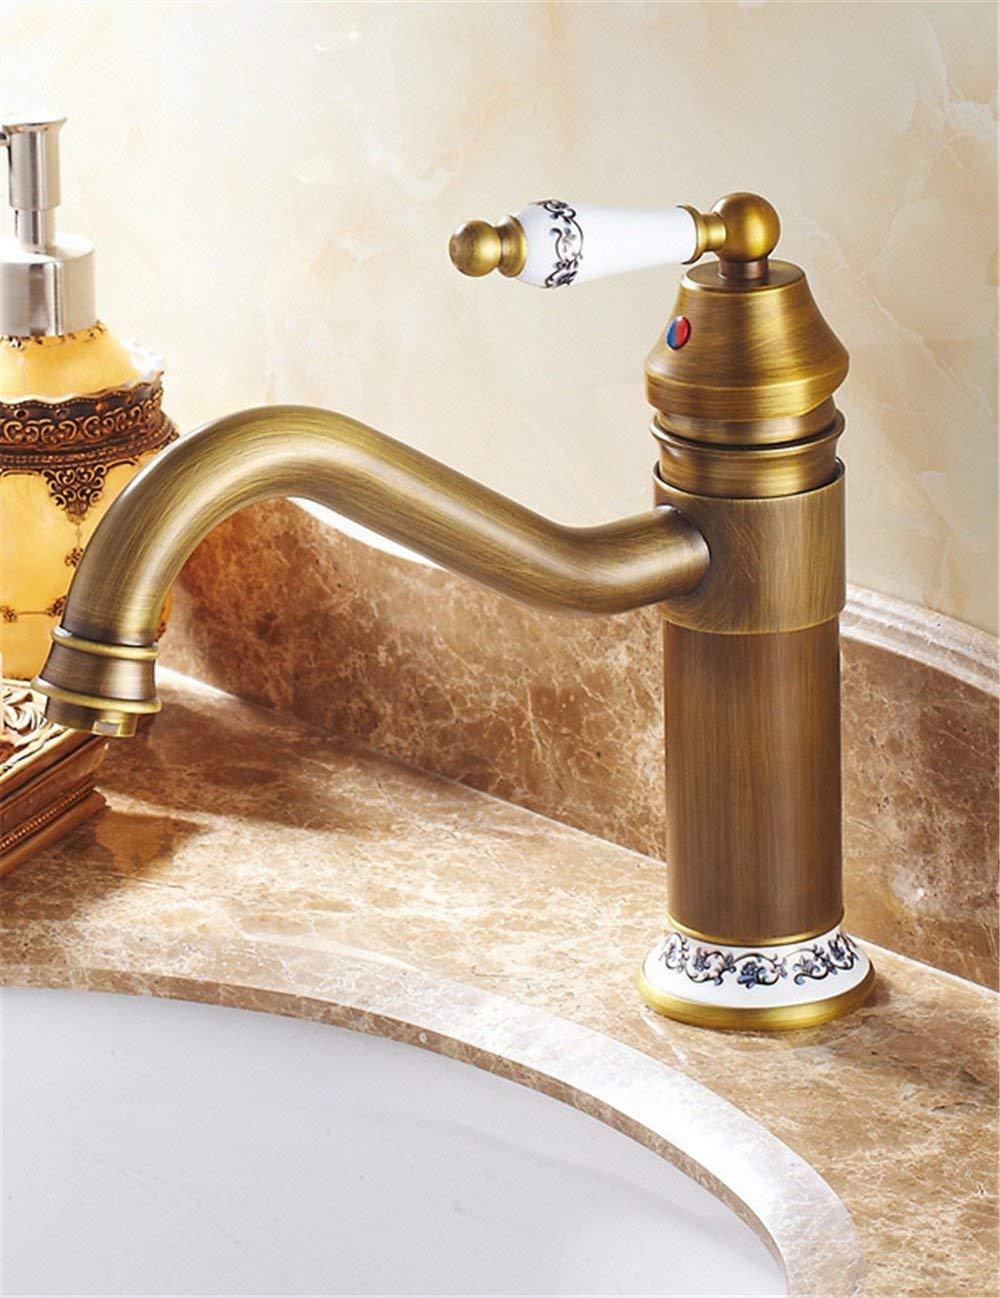 Eeayyygch Wasserhahn für Waschbecken, Antik-Optik, mit gebogener Öffnung, Retro-Stil, einfache Waschtischarmatur,